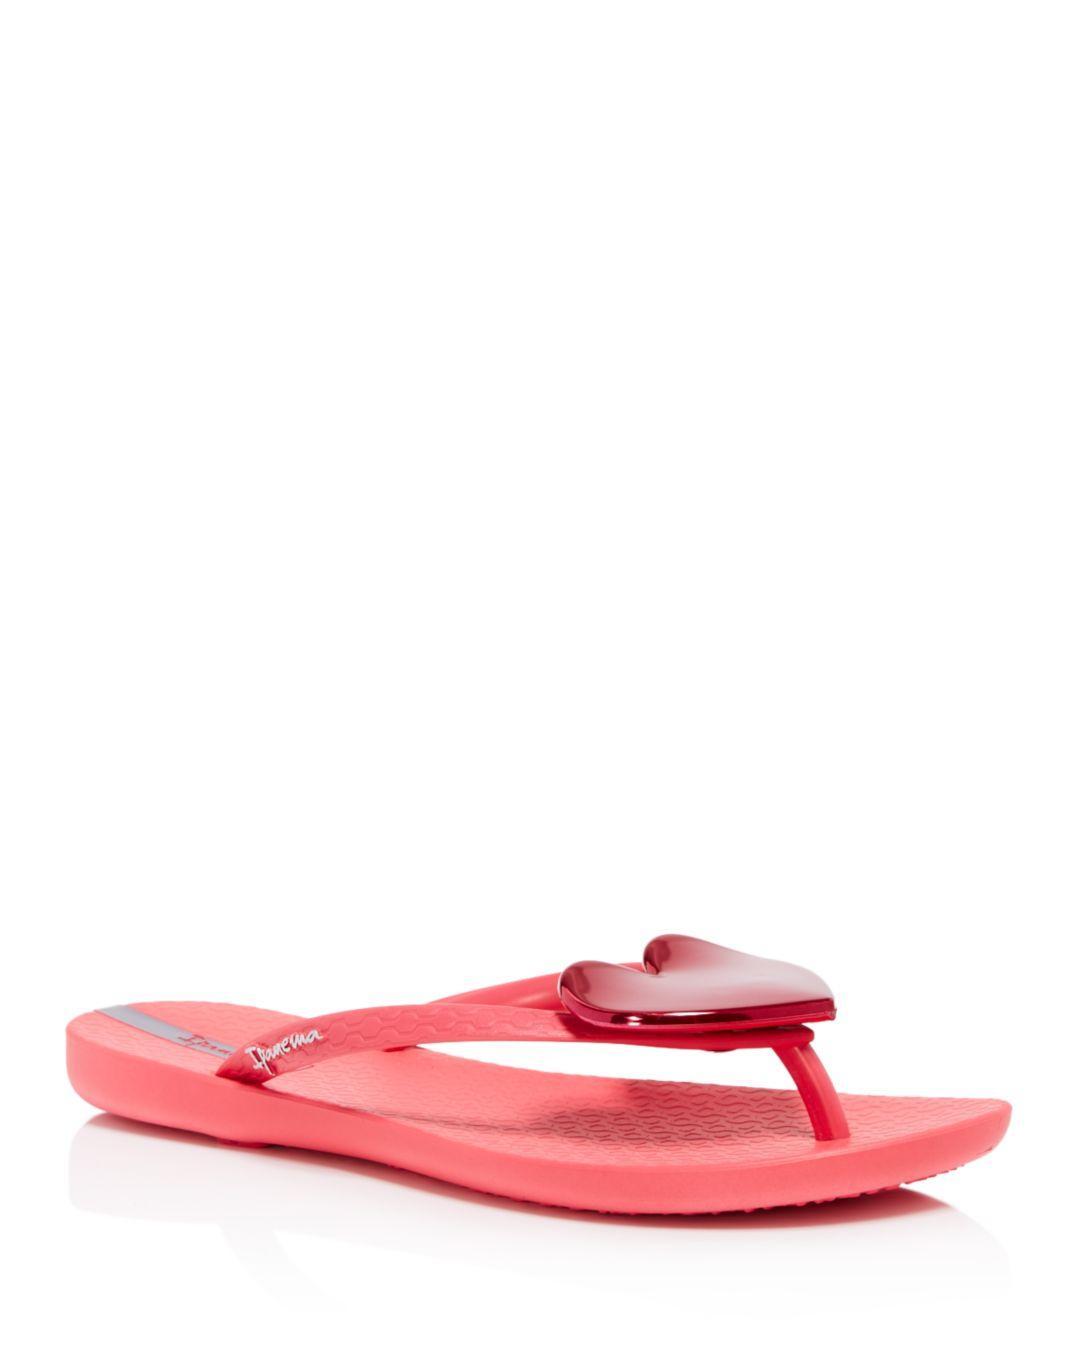 f4e67546b Ipanema Women s Wave Heart Flip-flops in Pink - Lyst